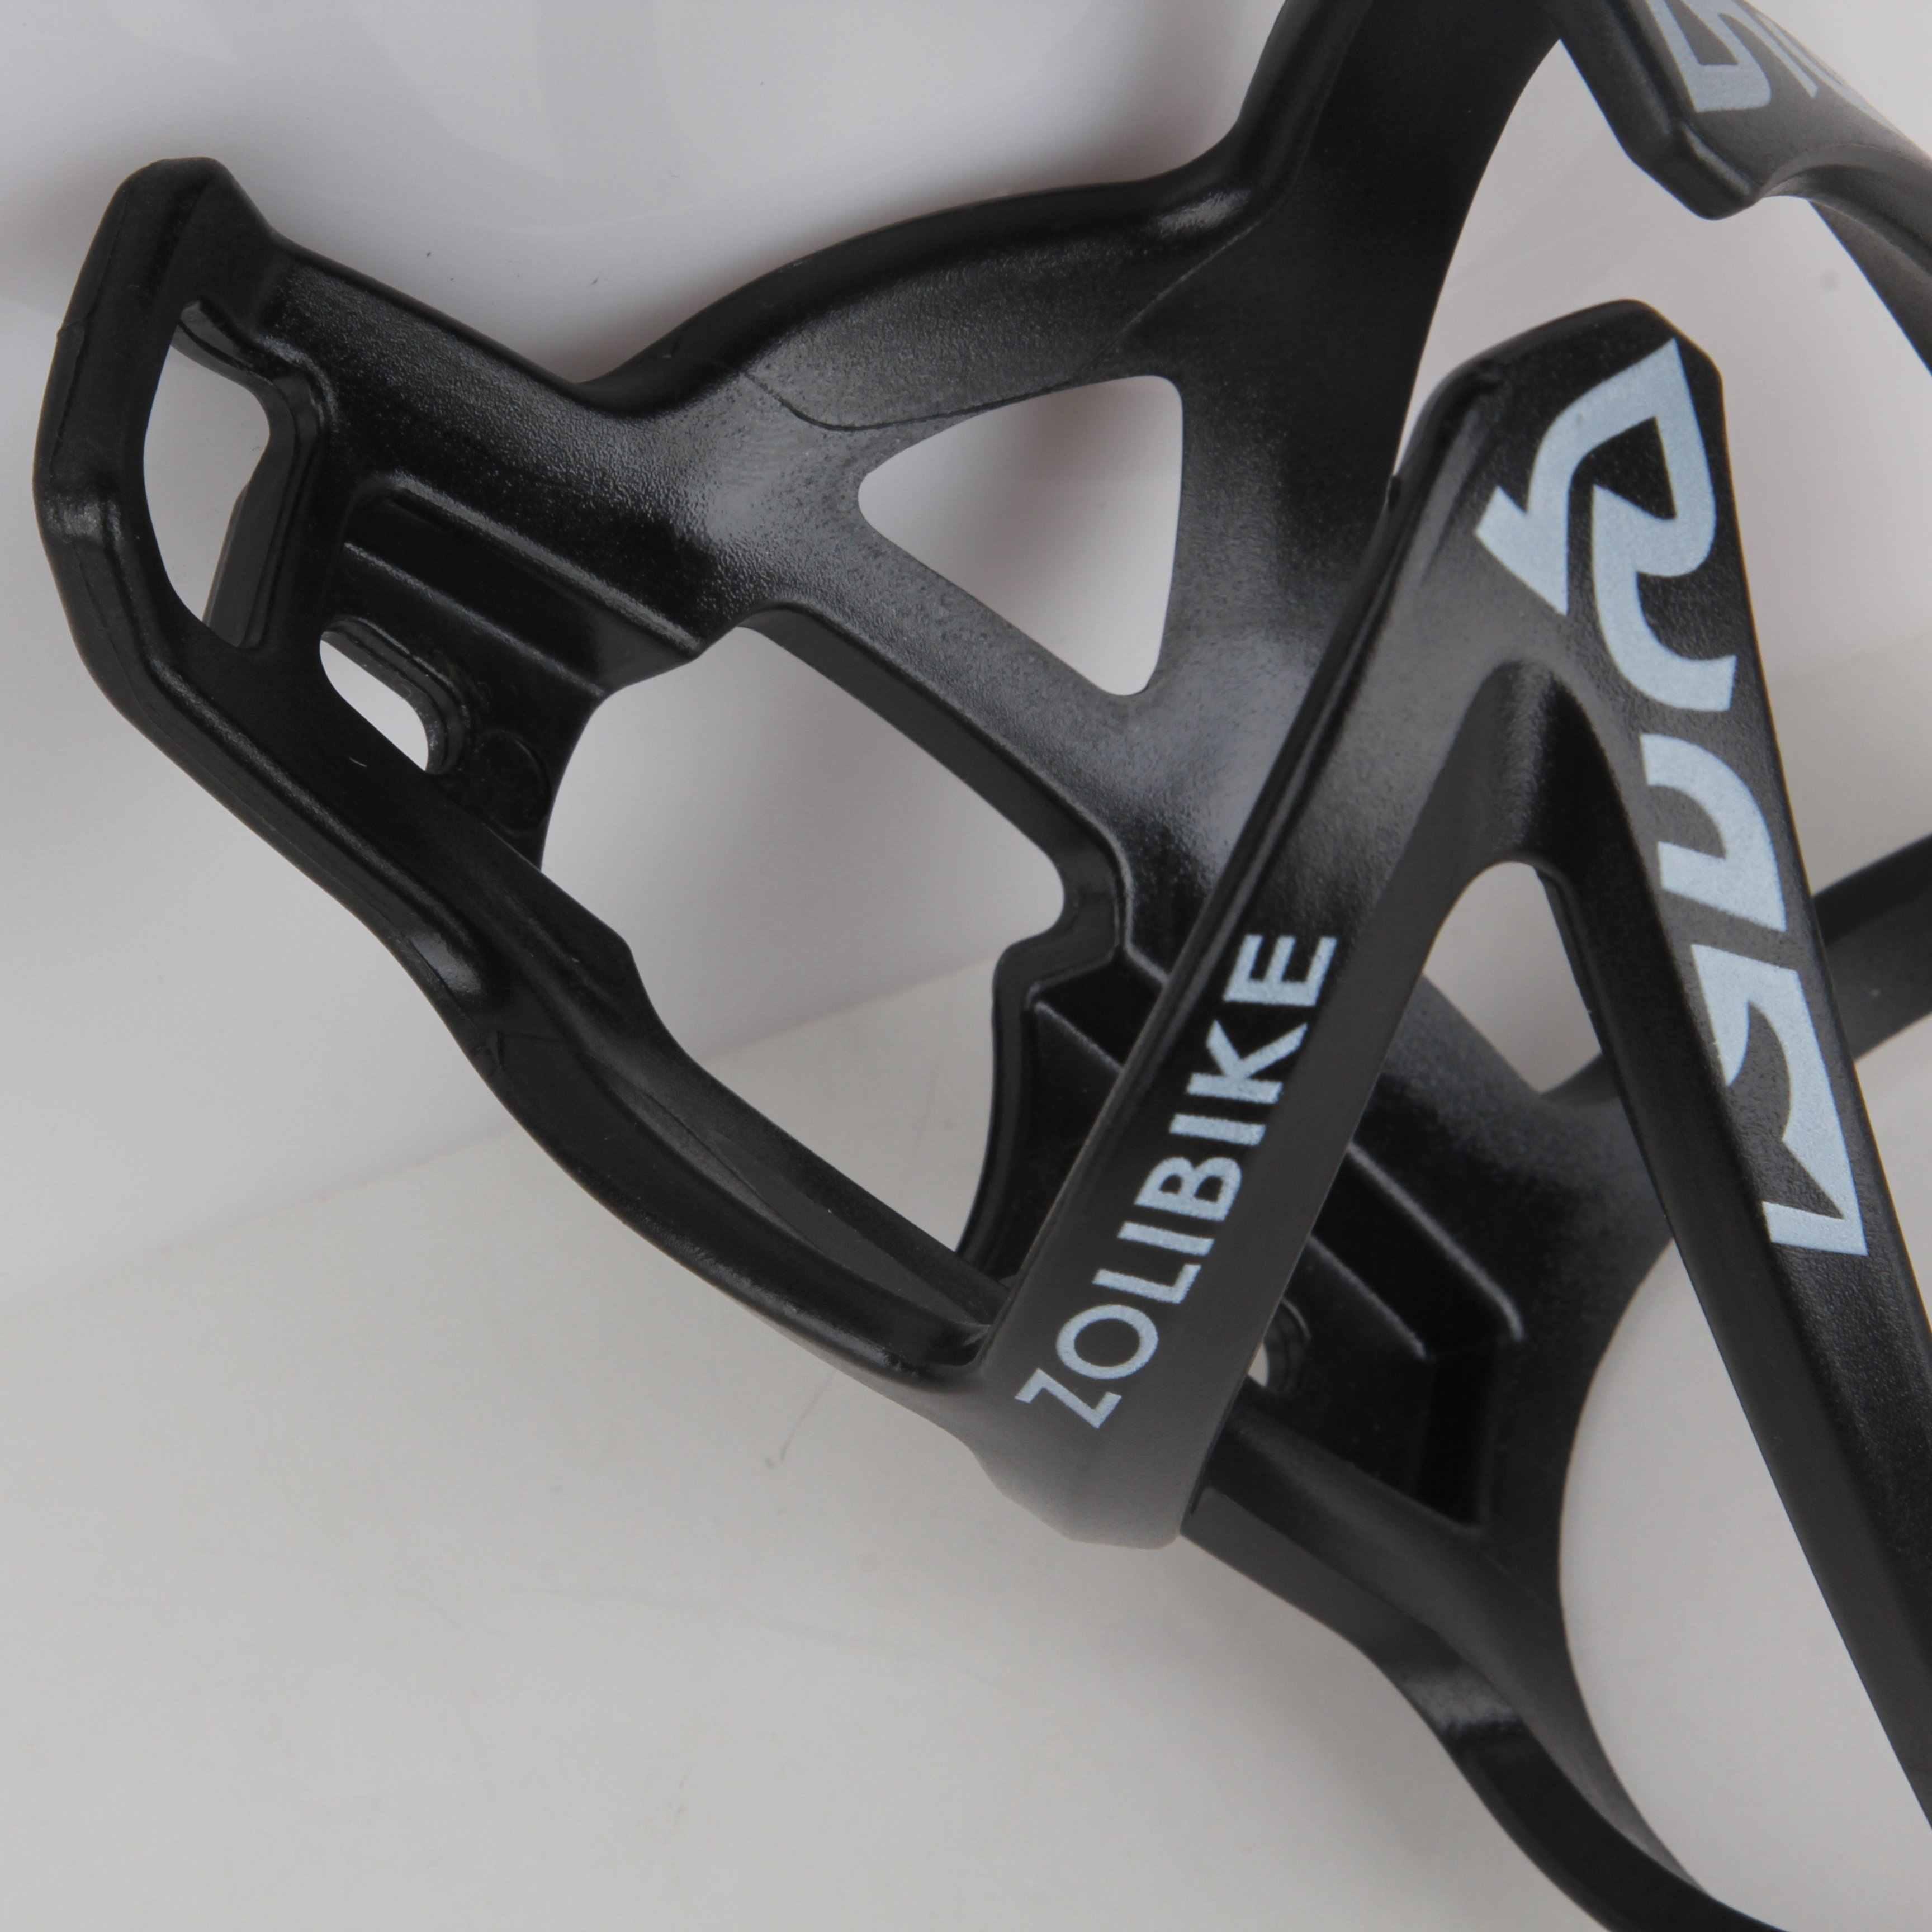 جديد وصول دراجة حامل الزجاجات حامل زجاجة الدراجة لديها 5 لون زجاجة ماء للدراجة حامل أقفاص الدراجة الرف